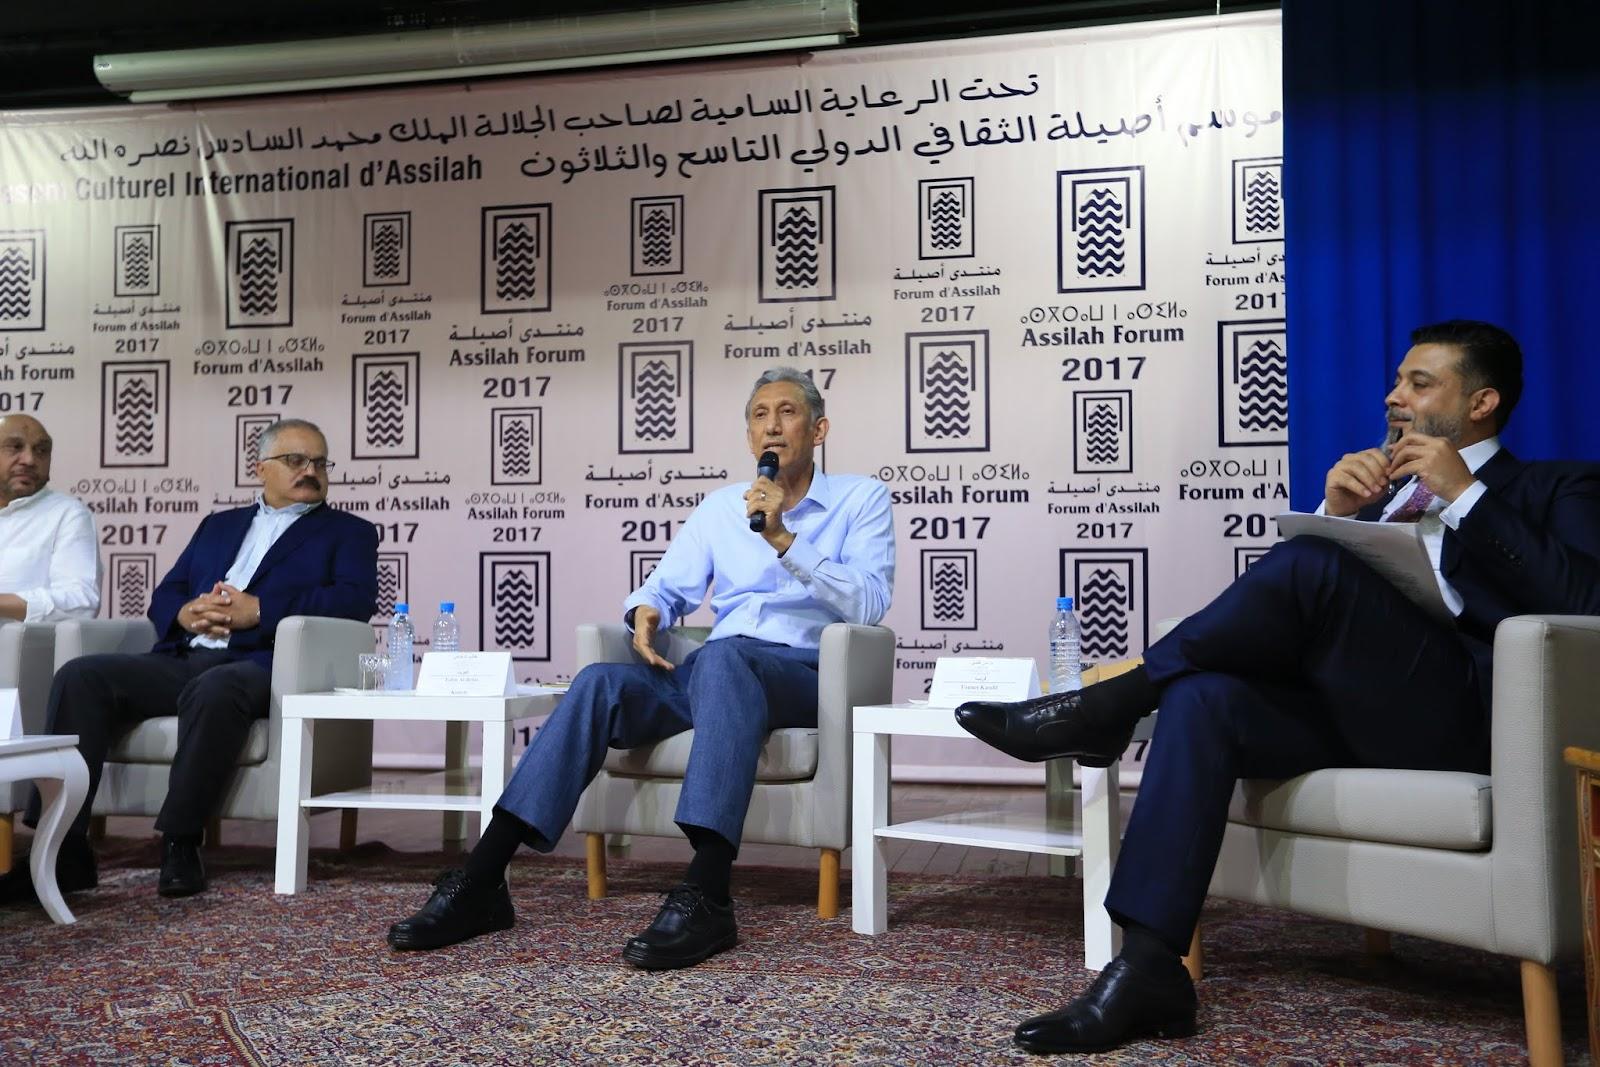 2017-7-22 ندوة الفكر العربي المعاصر والمسالة الدينية - يوم 2